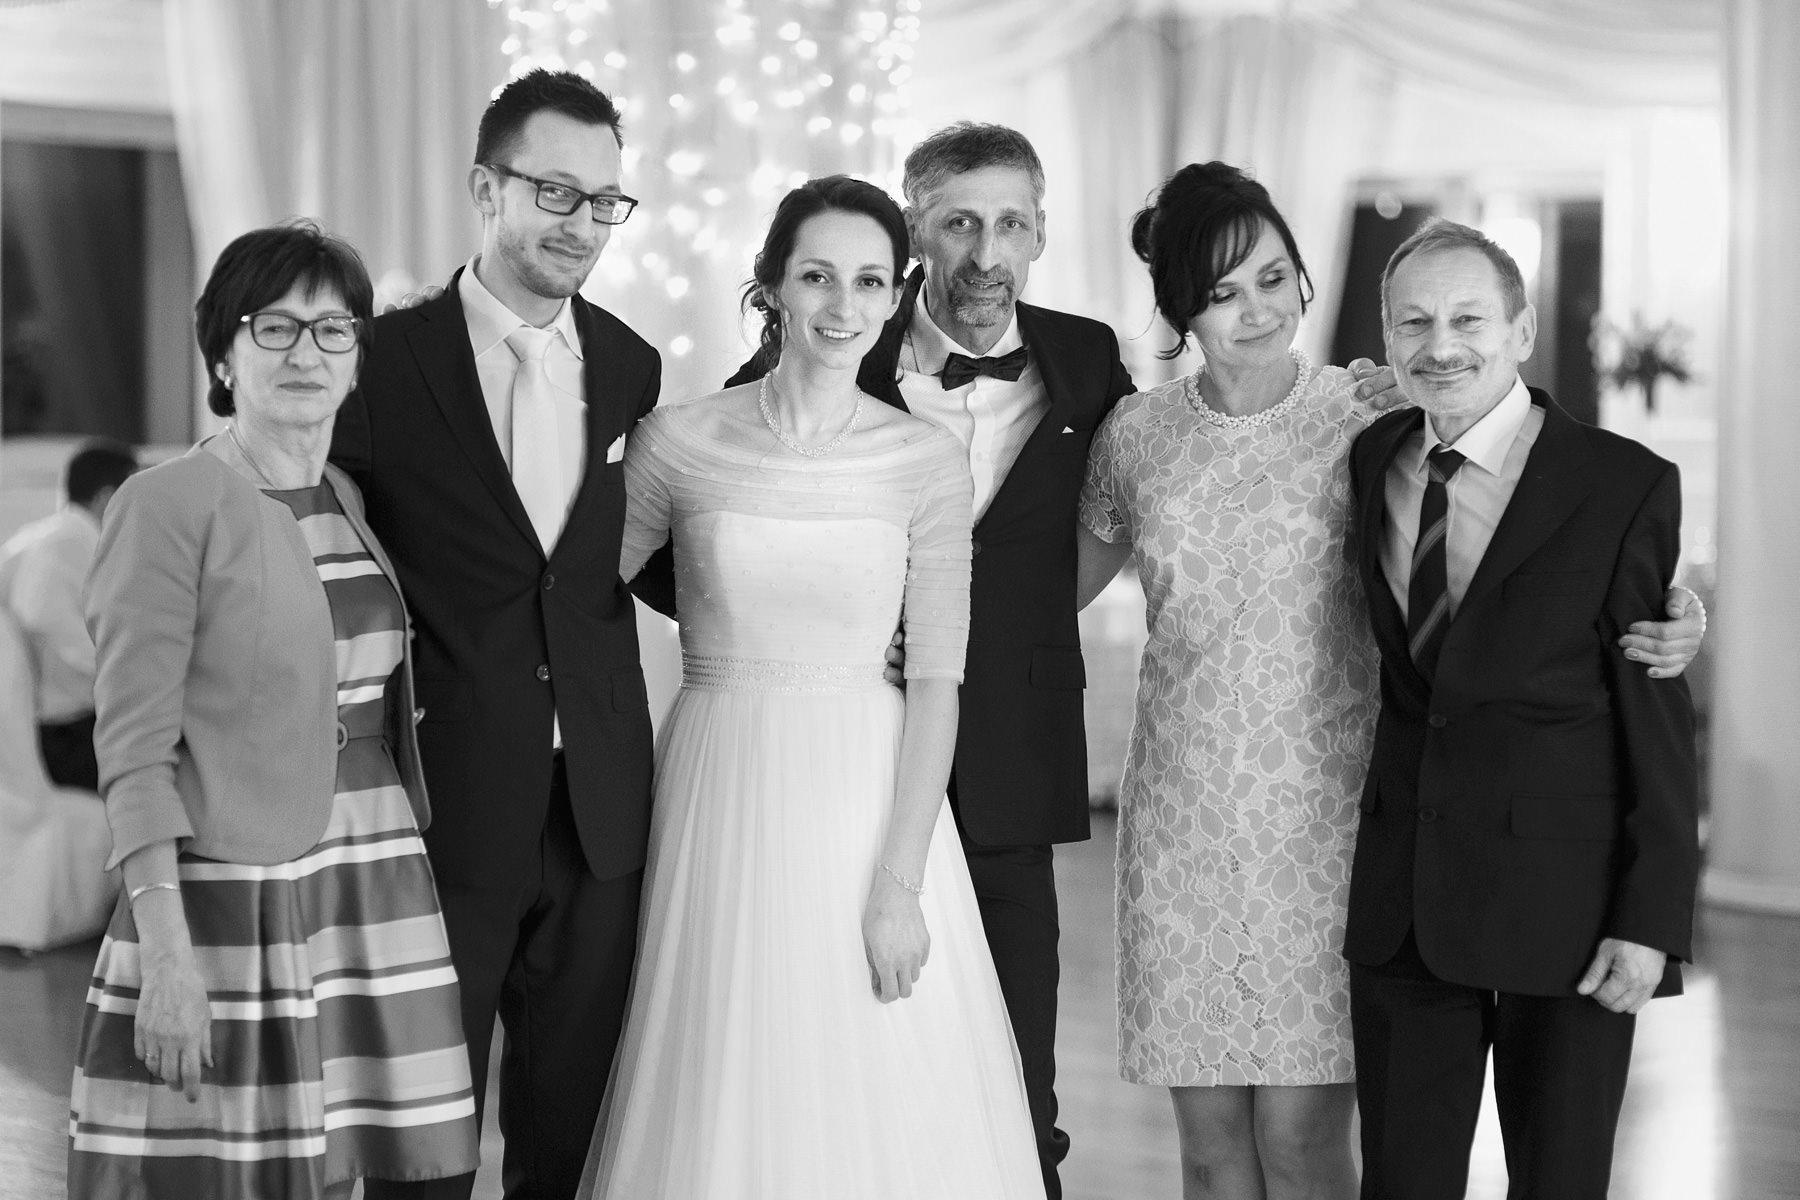 fotograf slub bielsko biala ania maciej 145 - Ślub w Bielsku-Białej - ANIA & MACIEJ